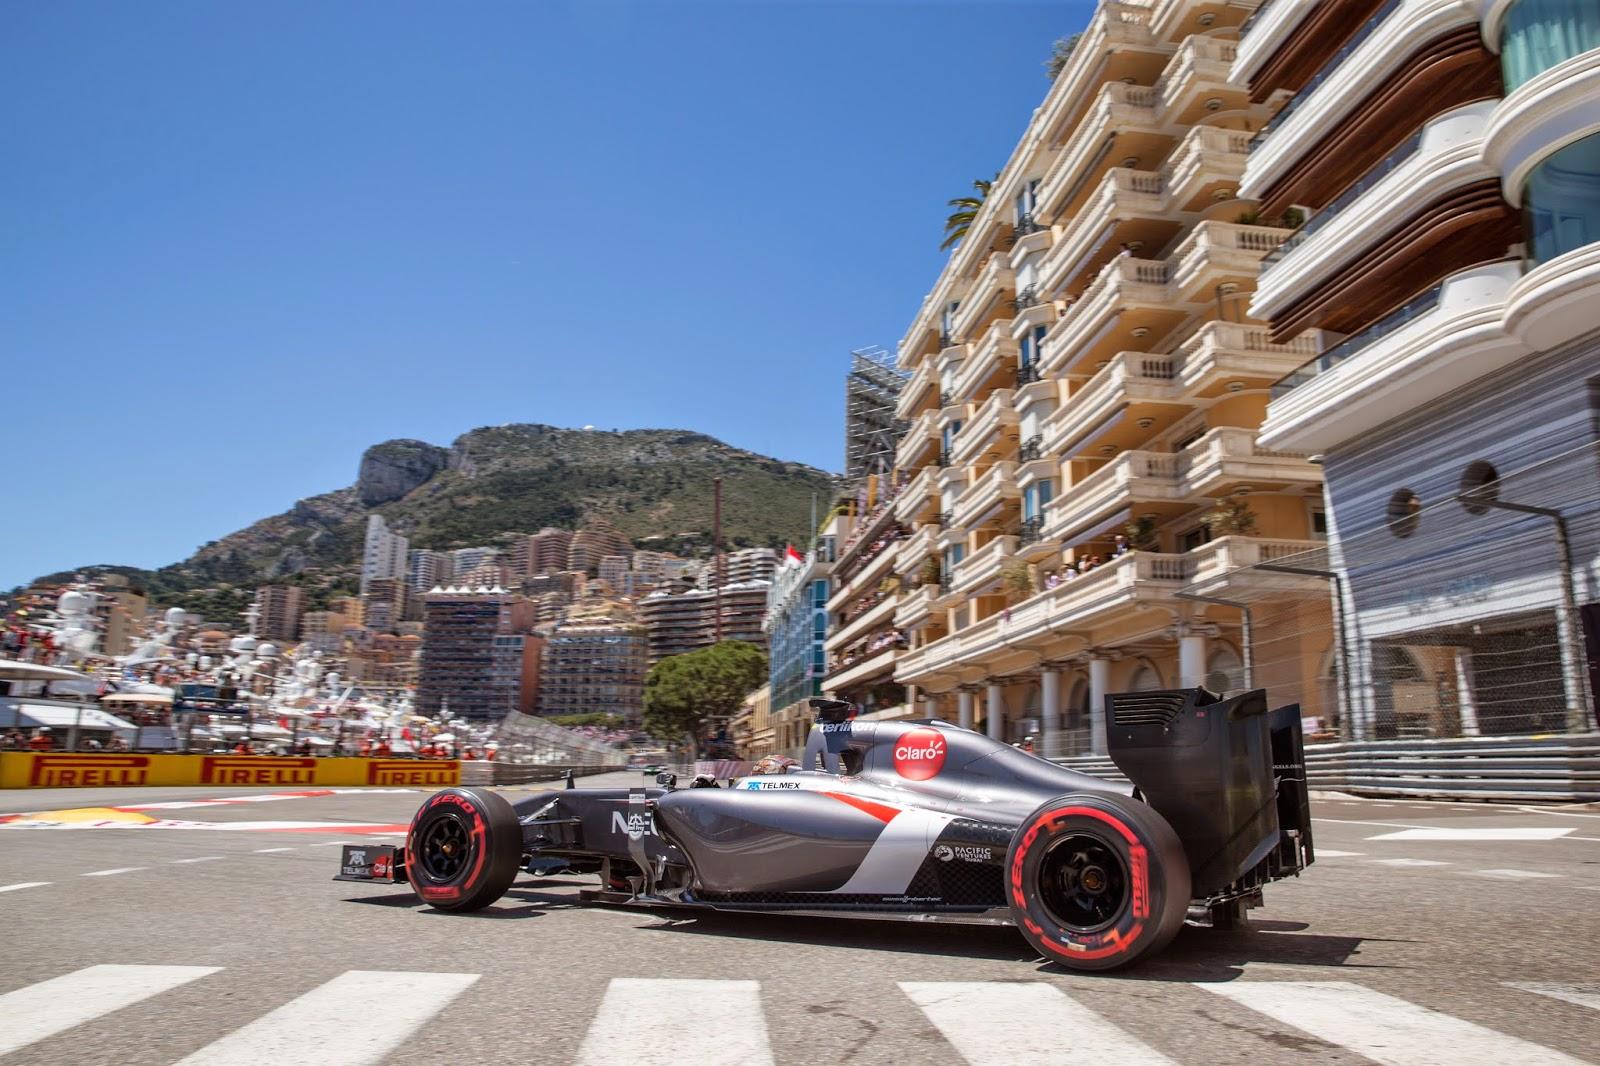 GP de Mónaco ECDF1 PS3 Aplazado D_reinhard_mc_14_1487